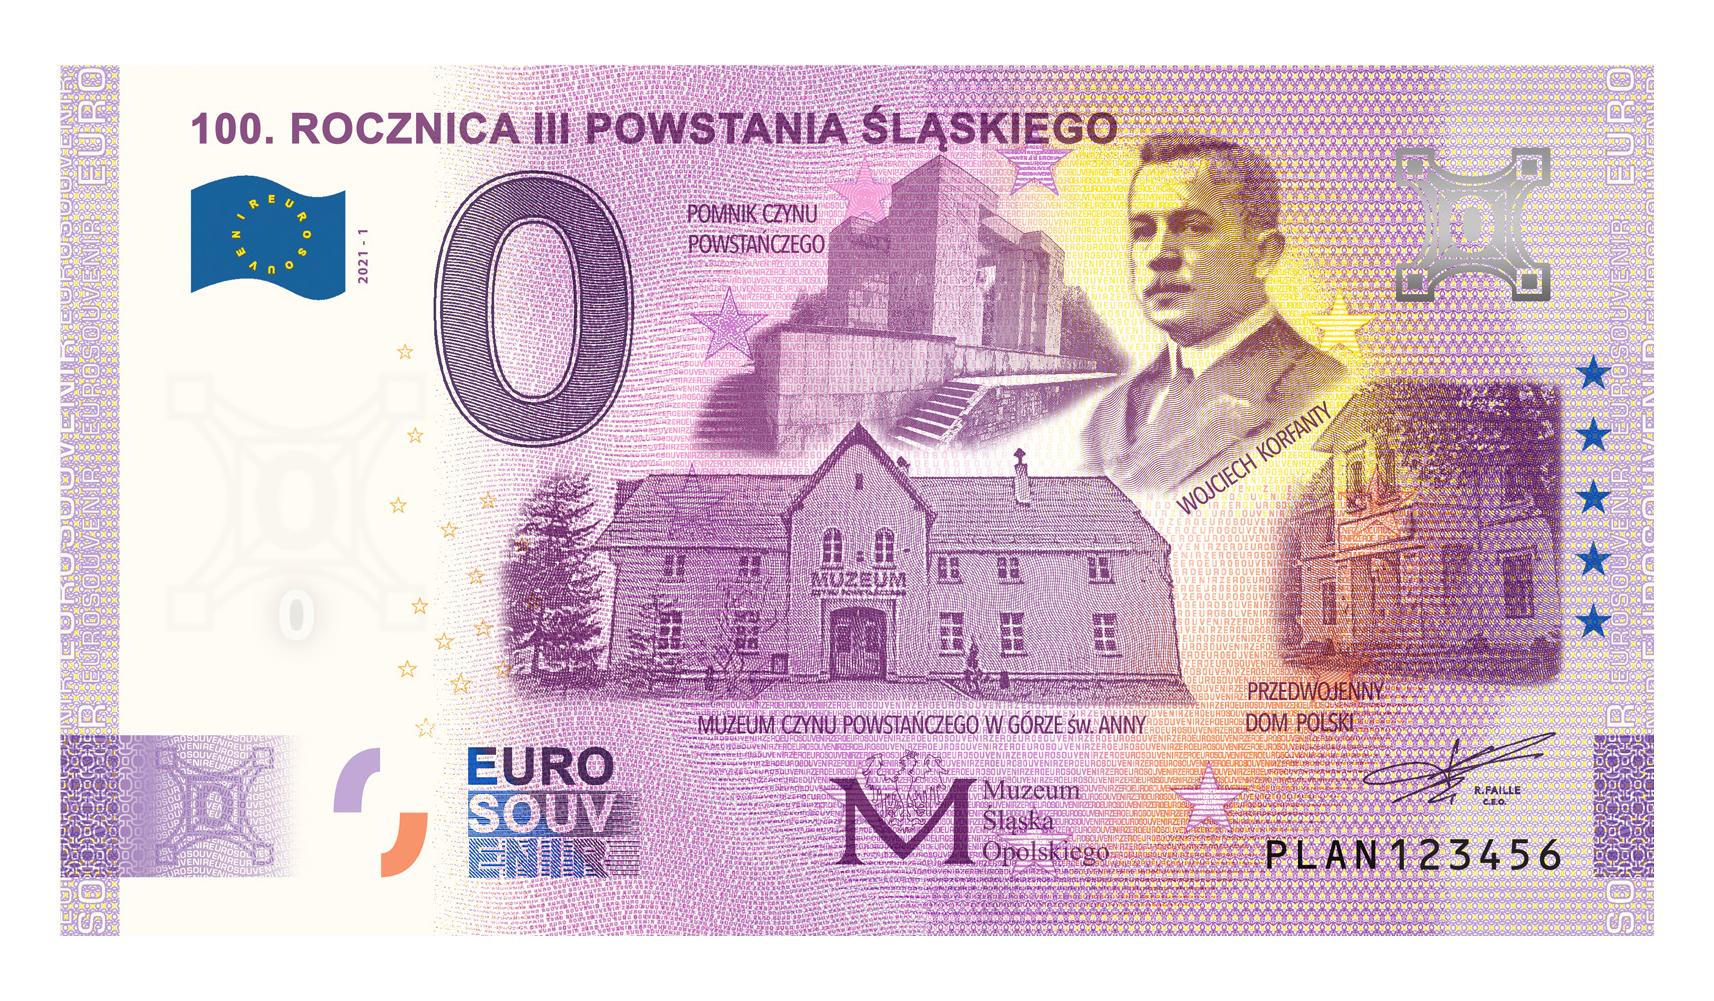 Banknot okolicznościowy z okazji setnej rocznicy trzeciego powstania śląskiego